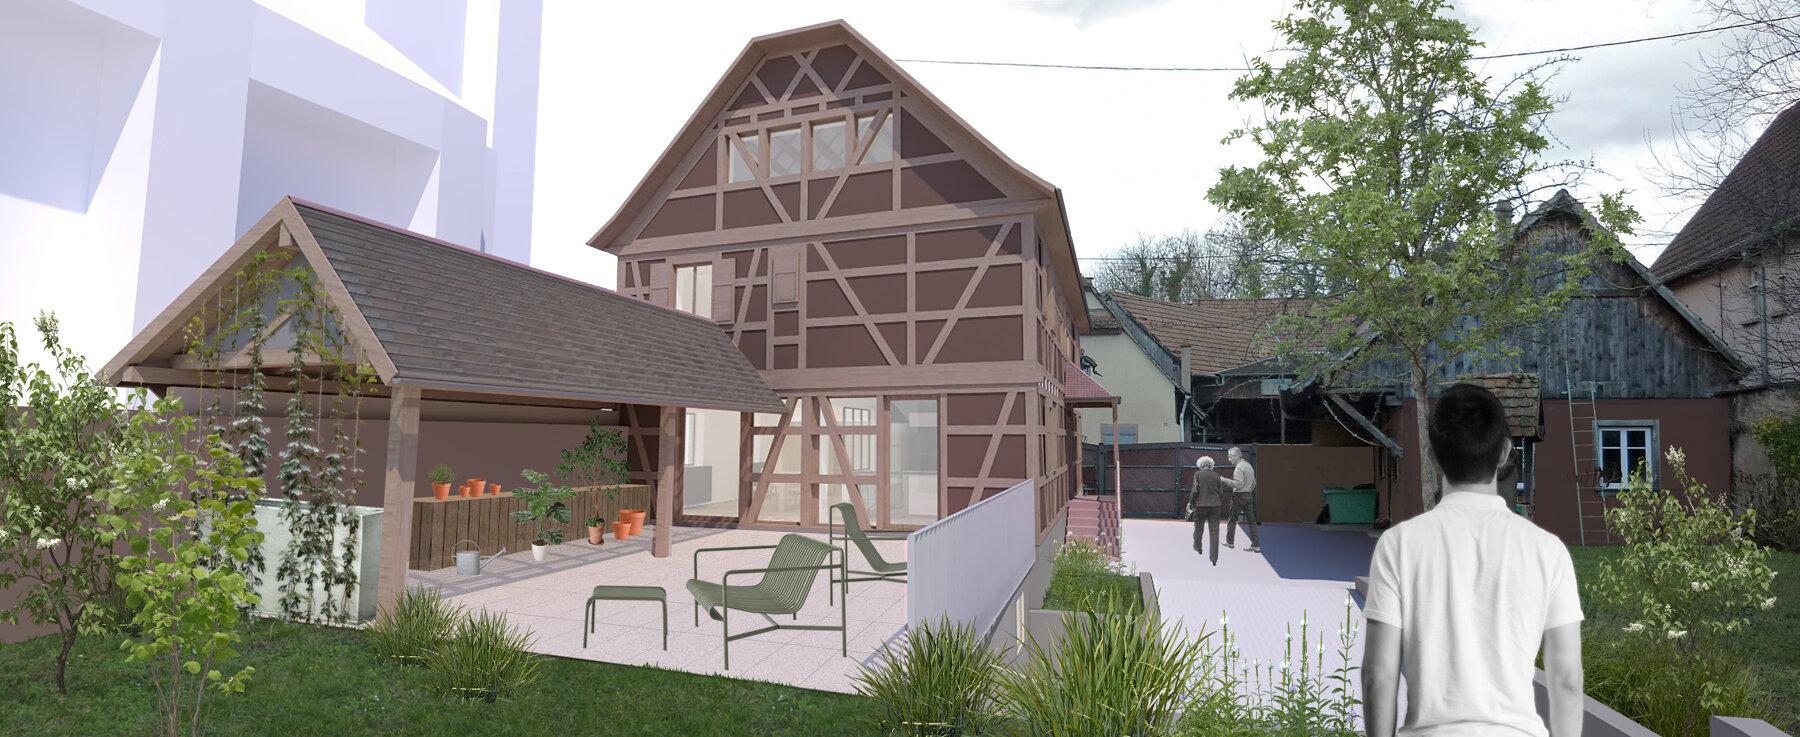 Rénover Une Maison Alsacienne ᐅ rénovation à niedernai ≡ réhabilitation d'une maison